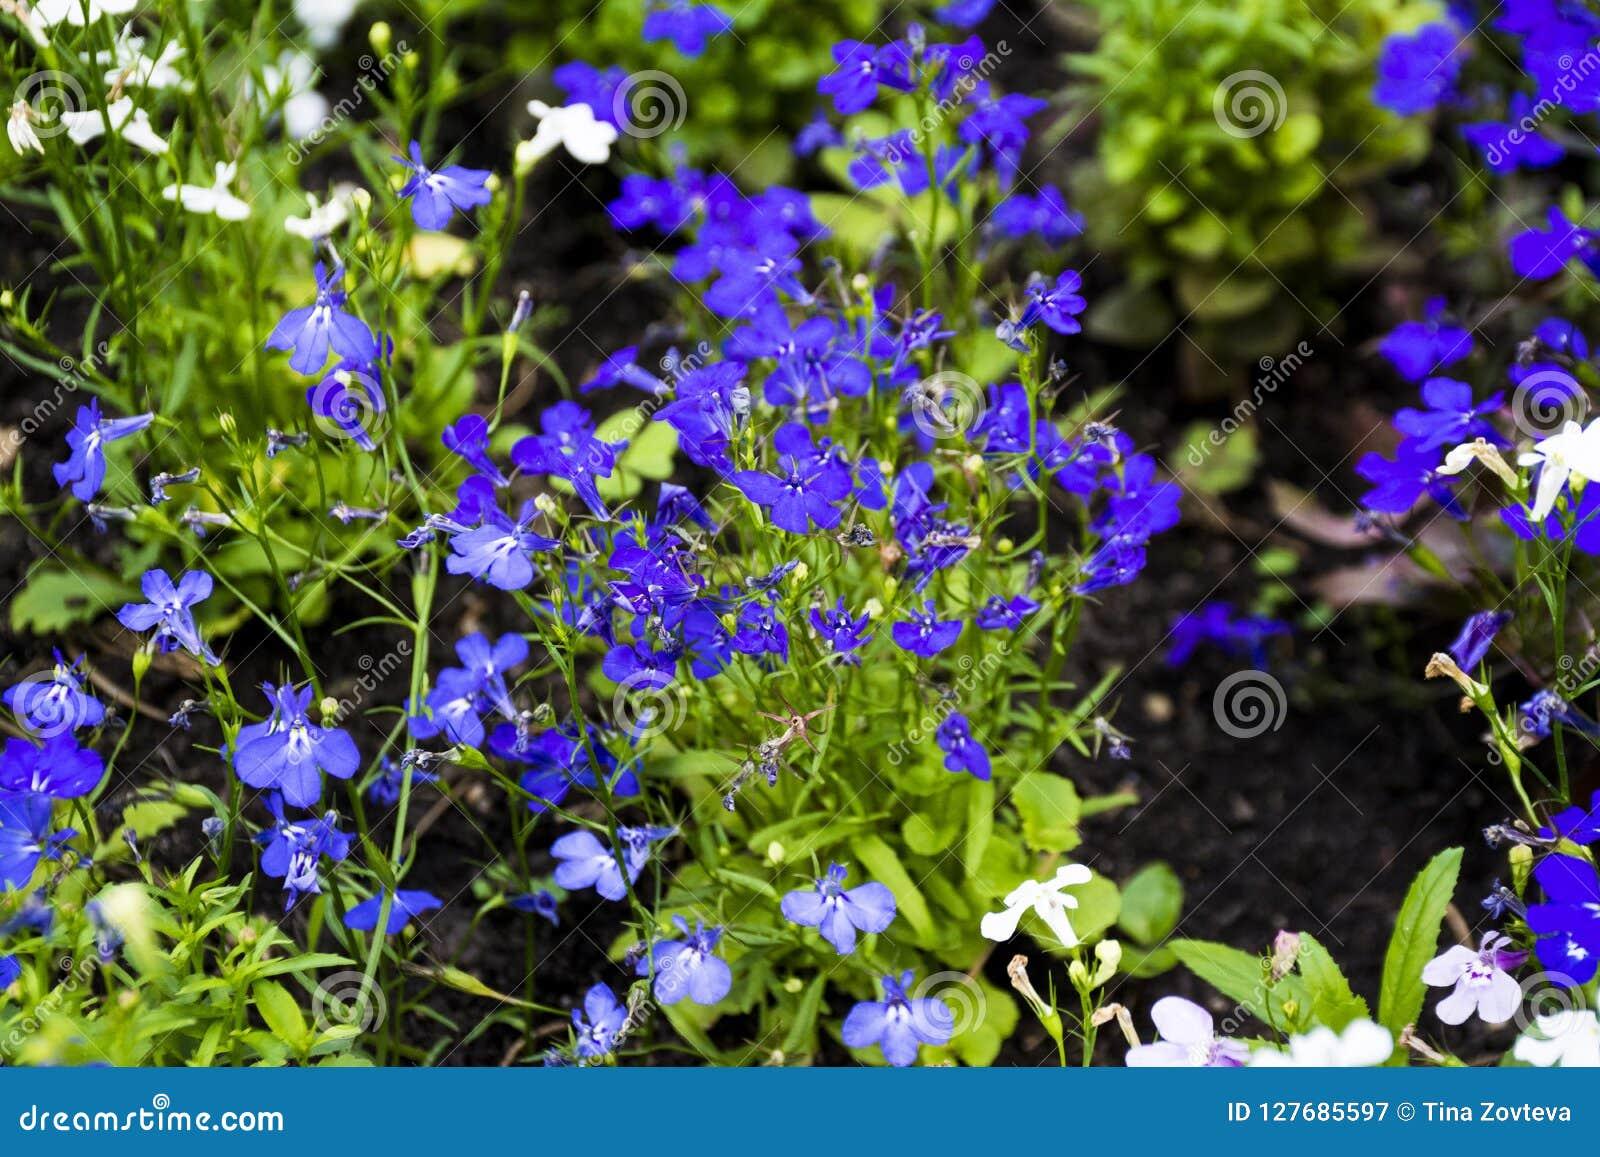 Kleine bunte wilde Blumen im Wald